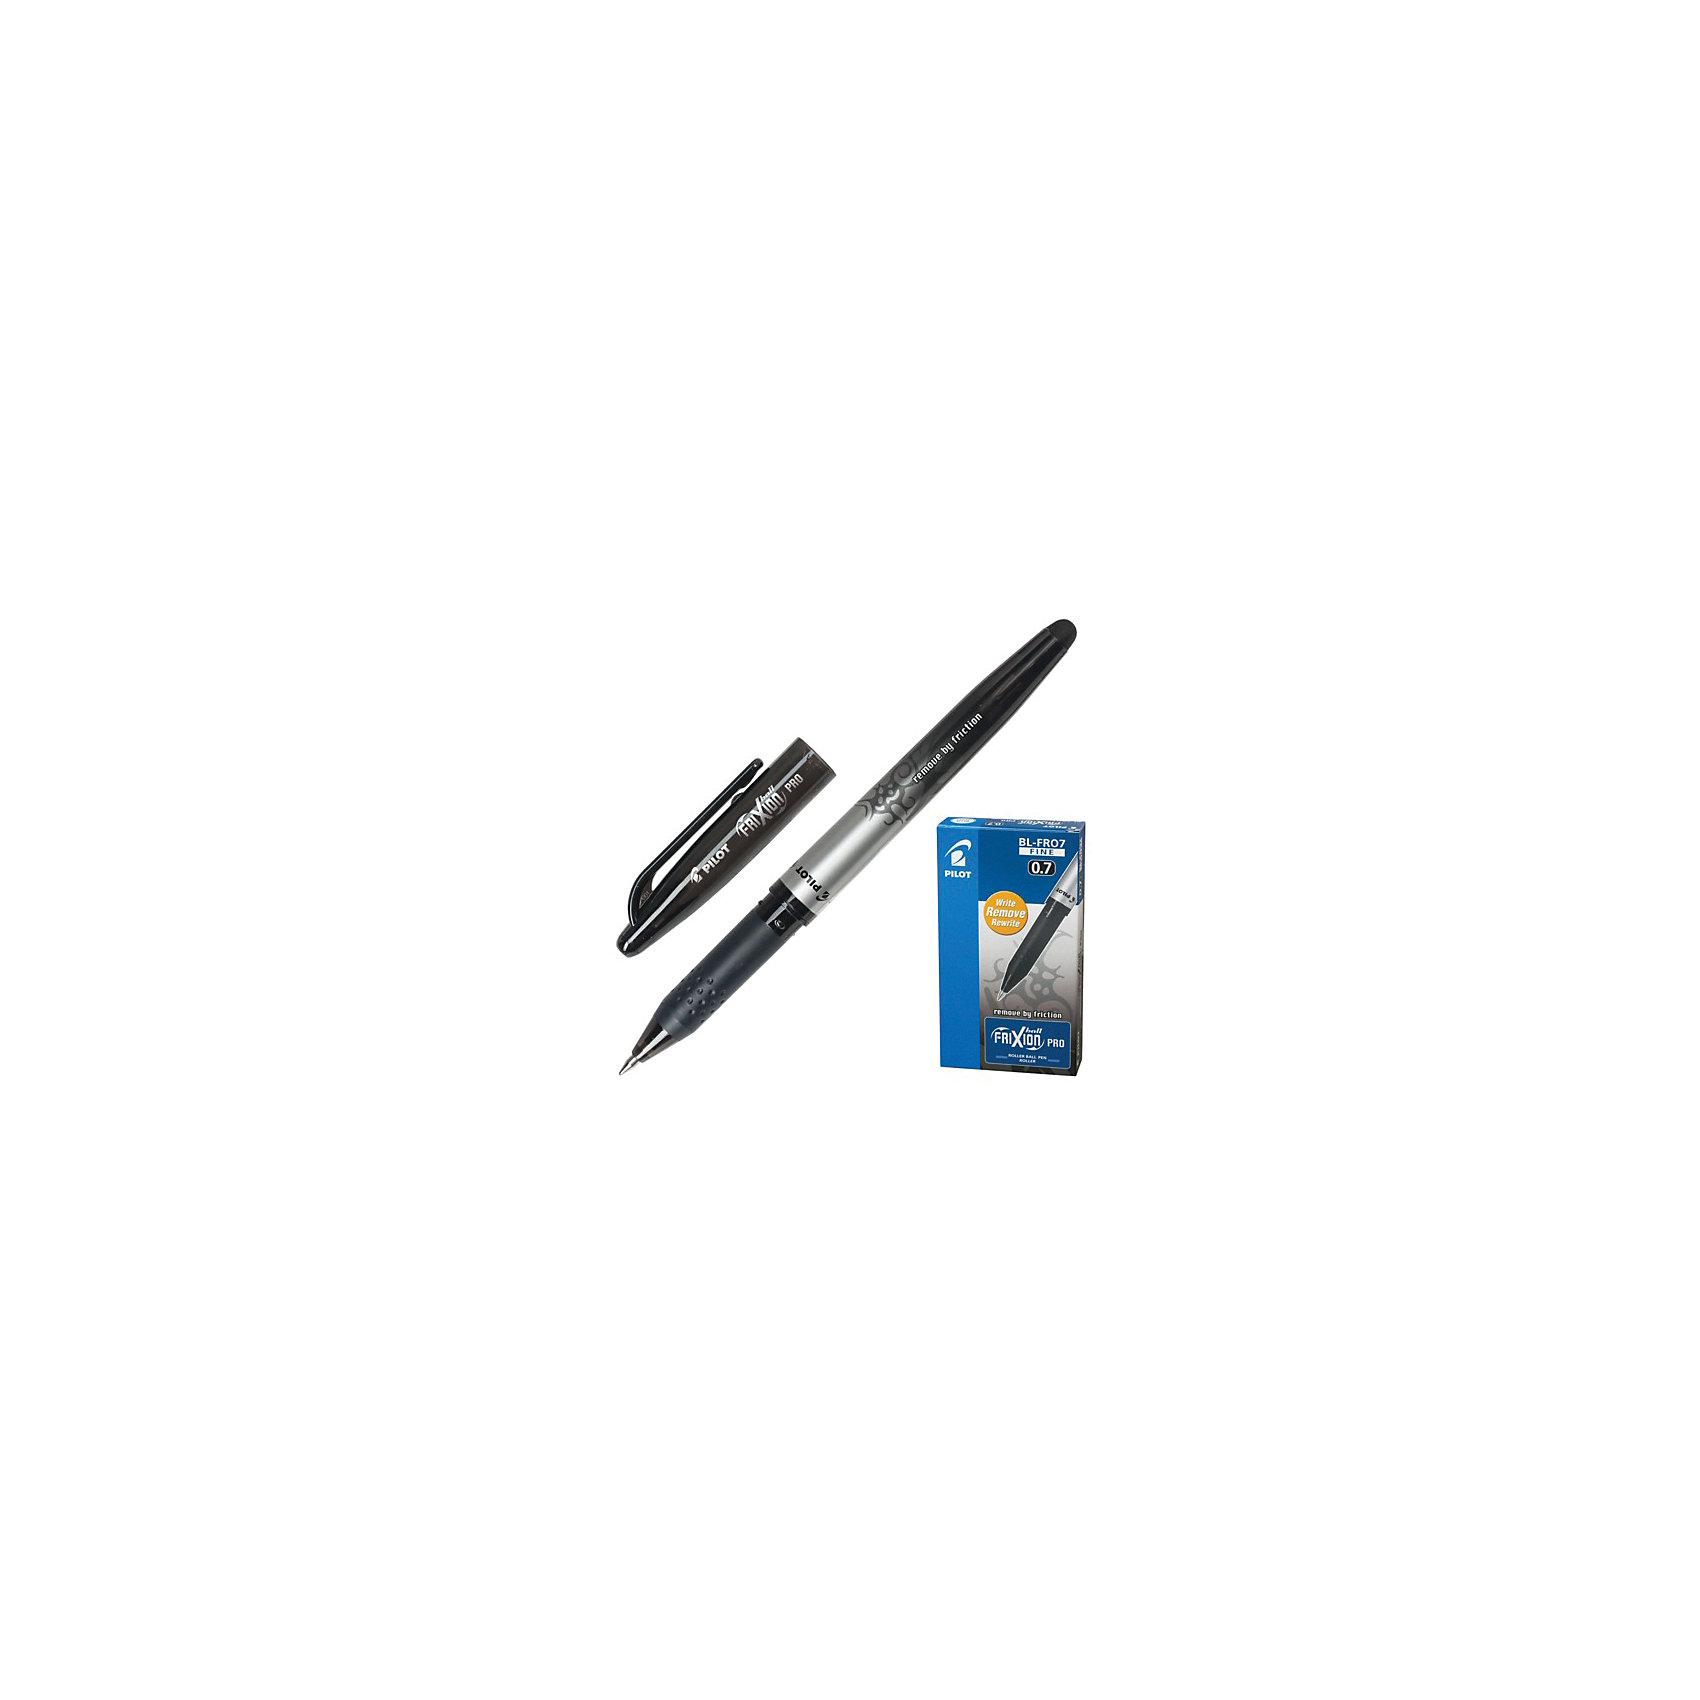 Ручка гелевая Pilot Frixion Rro со стриаемыми чернилами, чернаяПисьменные принадлежности<br>Характеристики товара:<br><br>• можно обесцветить написанное;<br>• быстрое восстановление чернил;<br>• цвет чернил: черный;<br>• диаметр шарика: 0,7 мм;<br>• размер упаковки: 1х1х14 см;<br>• вес: 12 грамм;<br>• возраст: от 3 лет.<br><br>С ручкой FRIXION PRO можно легко исправлять ошибки и проводить интересные эксперименты, которые обязательно удивят окружающих. Гелевые чернила FRIXION PRO чувствительны к перемене температуры. <br><br>При температуре выше 60 градусов чернила обесцвечиваются и исчезают с поверхности бумаги. Чтобы добиться нужного эффекта, достаточно потереть лист ластиком или нагреть любым горячим предметом. При температуре ниже 18 градусов пигментный состав чернил восстанавливается до первоначального уровня и текст вновь проявляется на поверхности бумаги.<br><br>PILOT (Пилот) Ручку гелевую FRIXION RRO можно купить в нашем интернет-магазине.<br><br>Ширина мм: 140<br>Глубина мм: 10<br>Высота мм: 10<br>Вес г: 12<br>Возраст от месяцев: 36<br>Возраст до месяцев: 2147483647<br>Пол: Унисекс<br>Возраст: Детский<br>SKU: 6884860